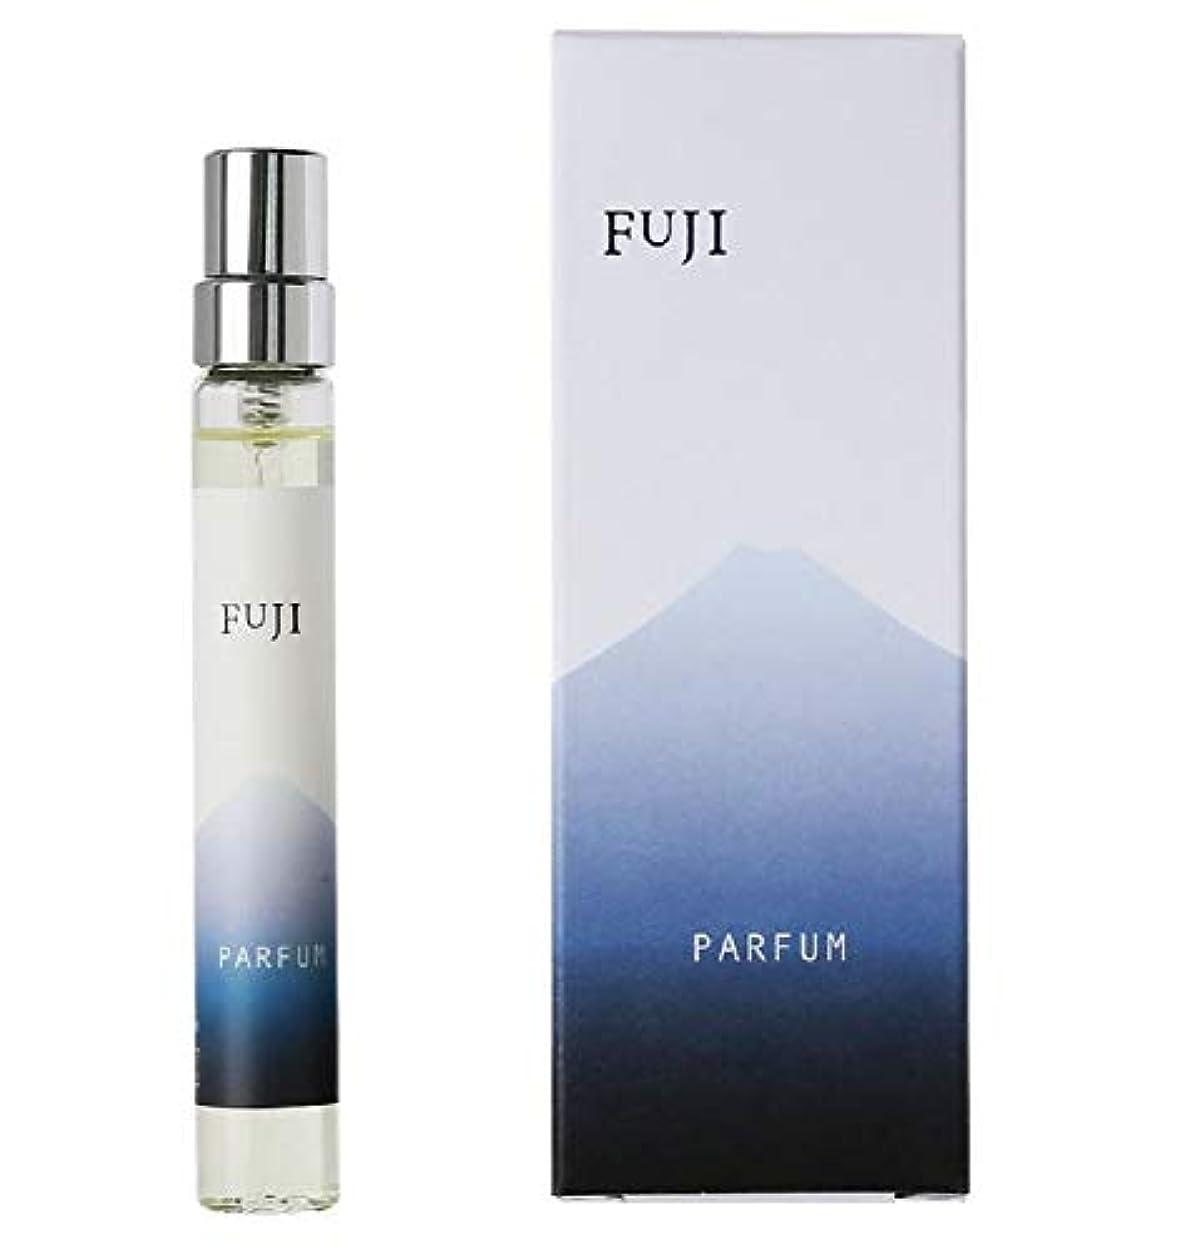 断言するページ誰かパルファム フジ fuji 香水「PARFUM FUJI(パルファム?フジ)」